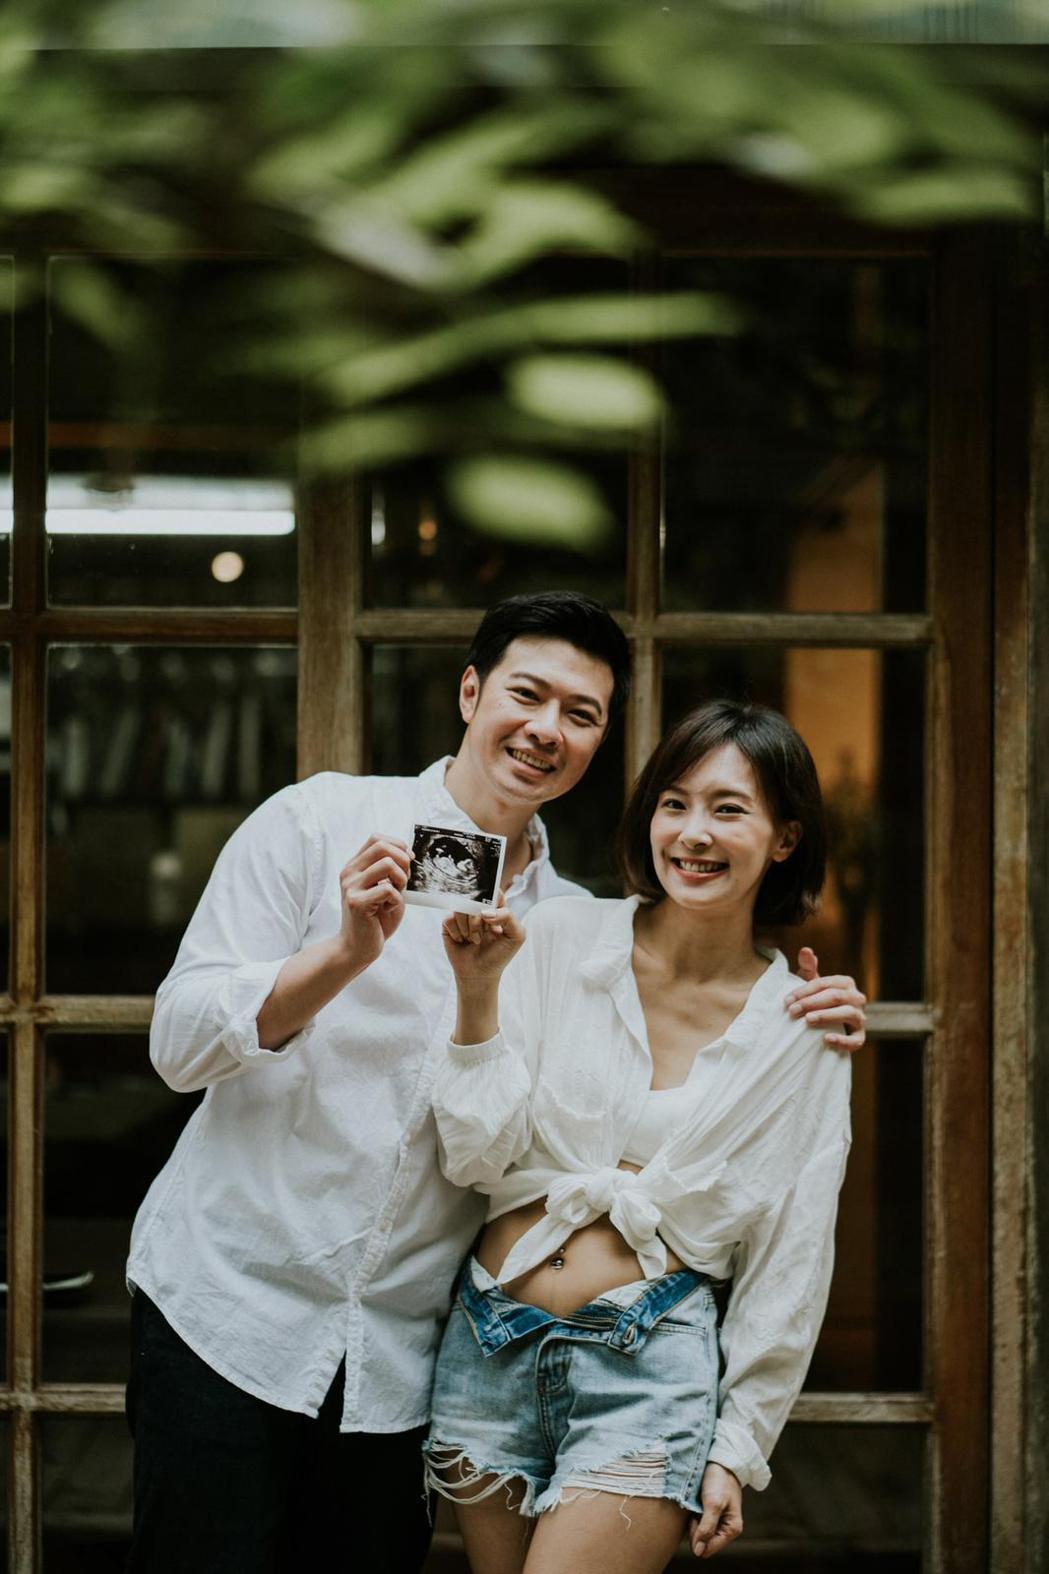 陳瑋薇與先生公開懷孕喜訊。圖/齊石提供